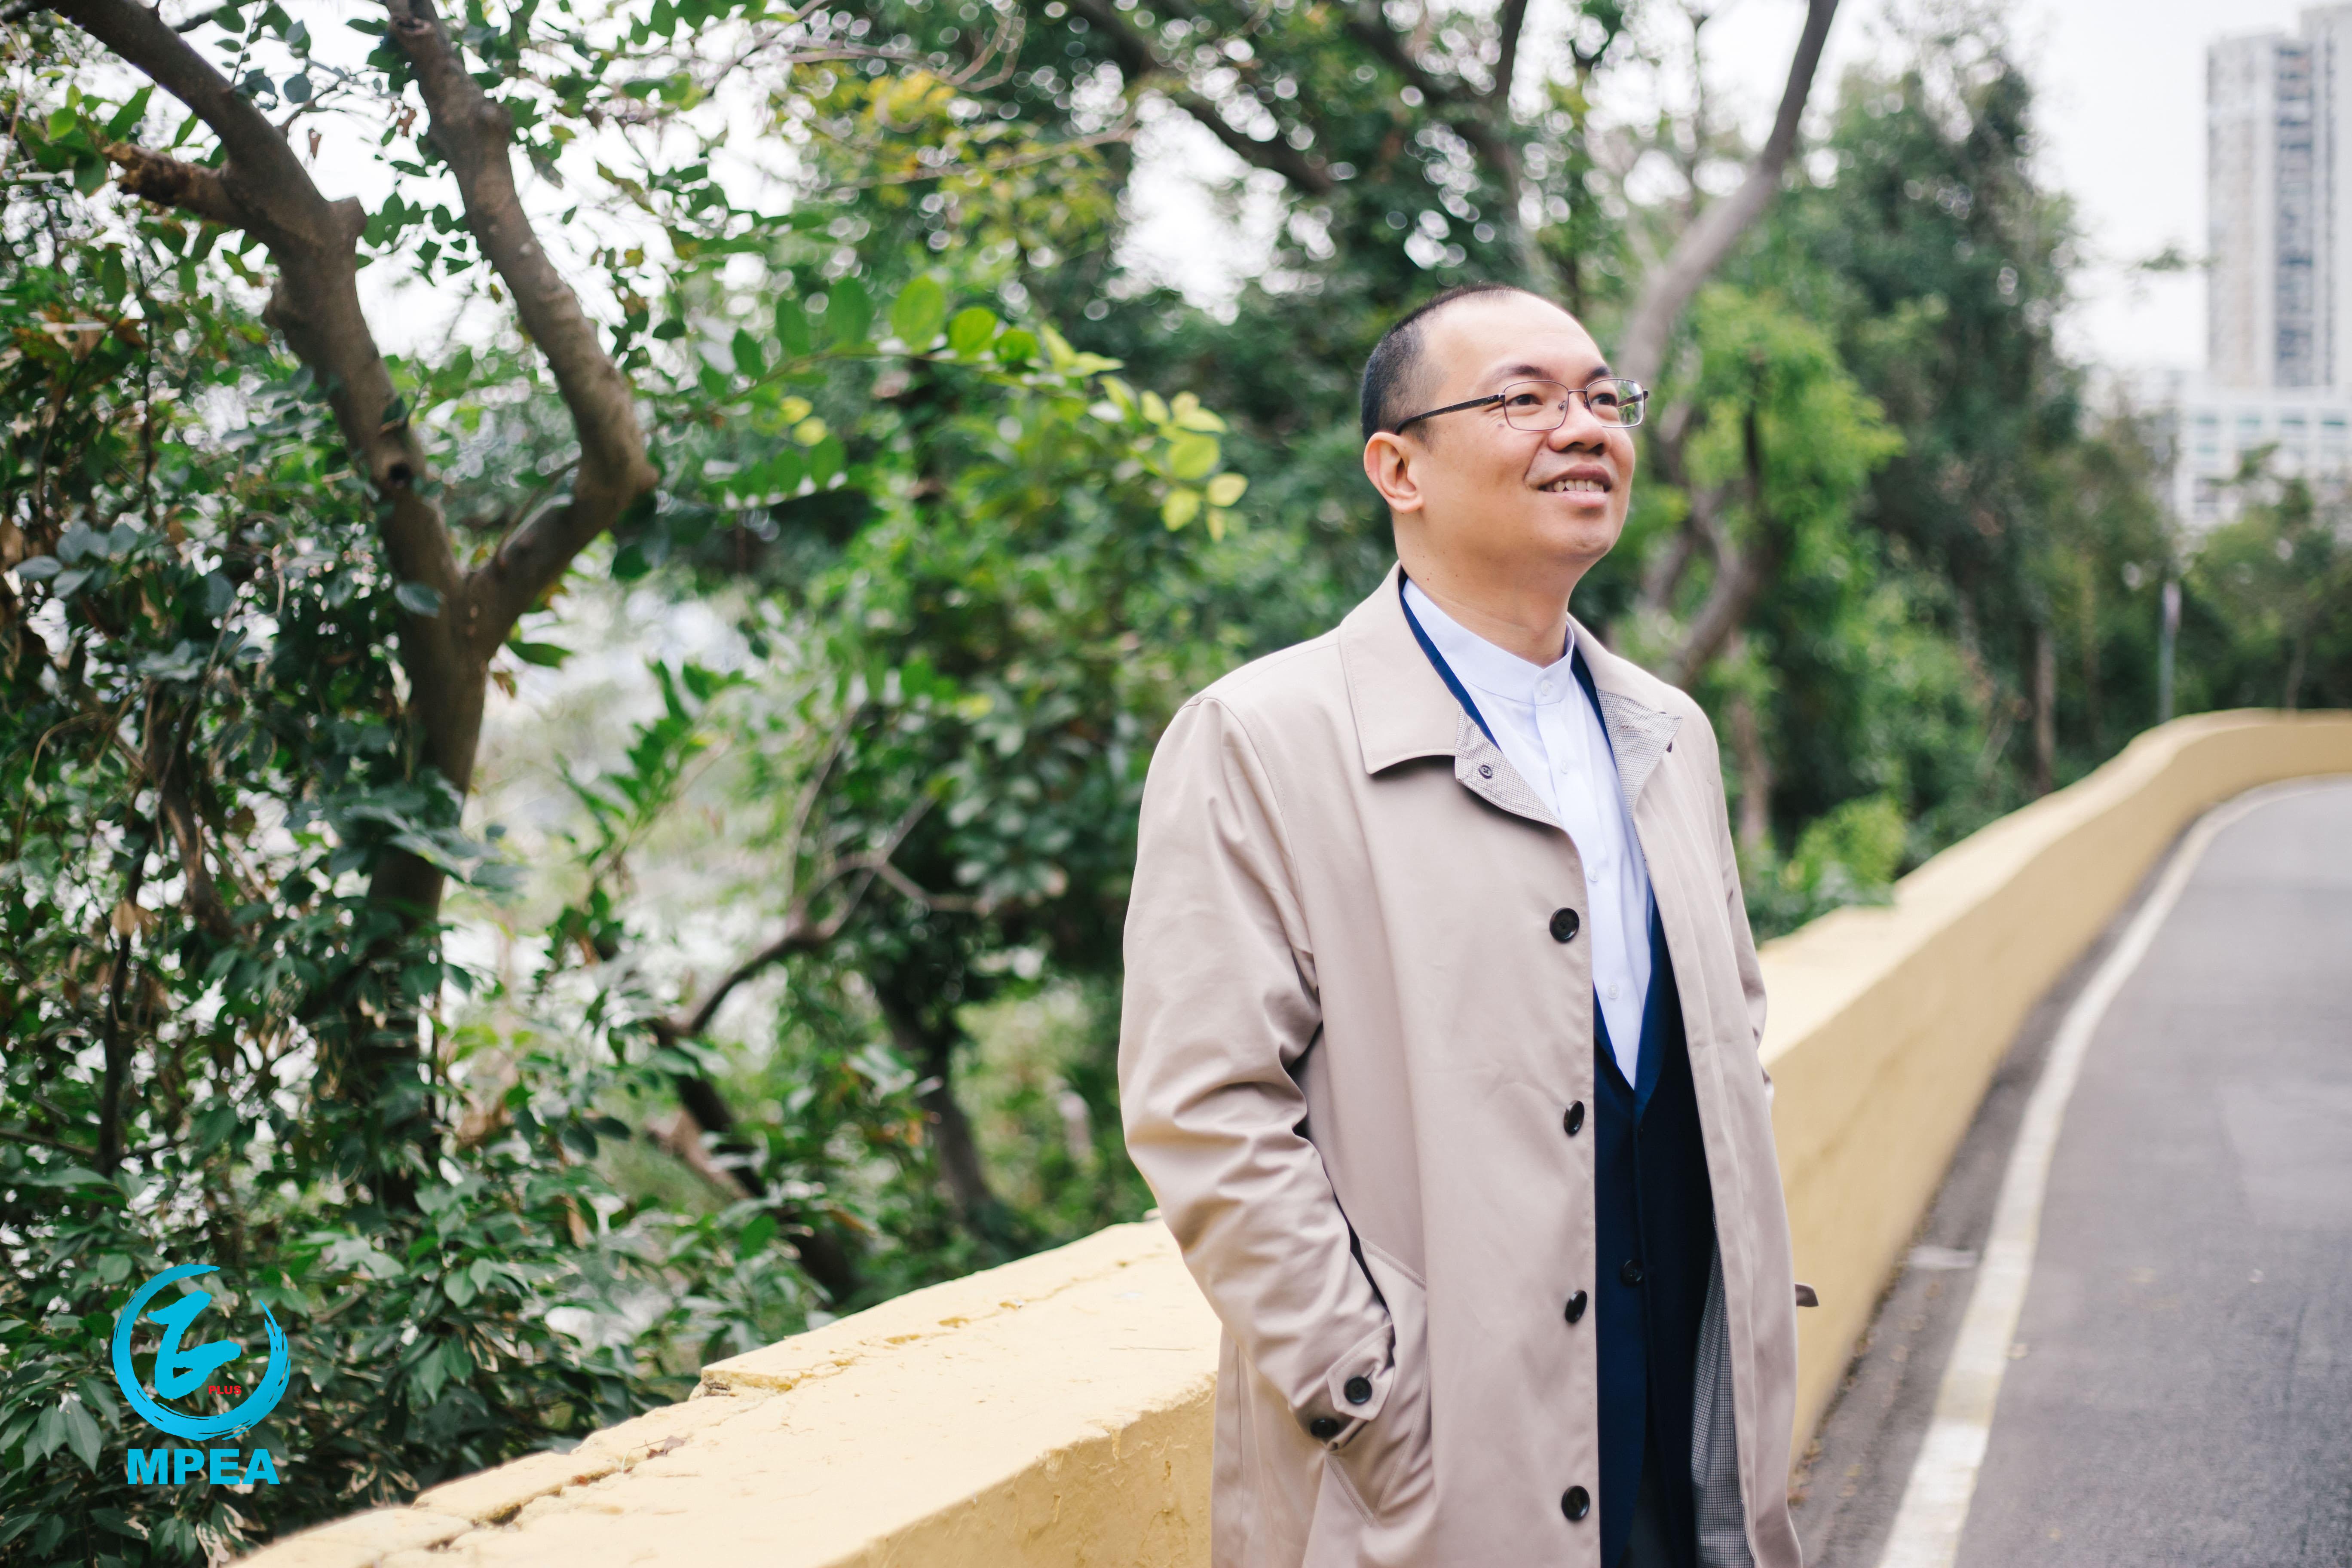 陳志峰希望自己能作為建設者的角色,令這片成長的土地變得更好。